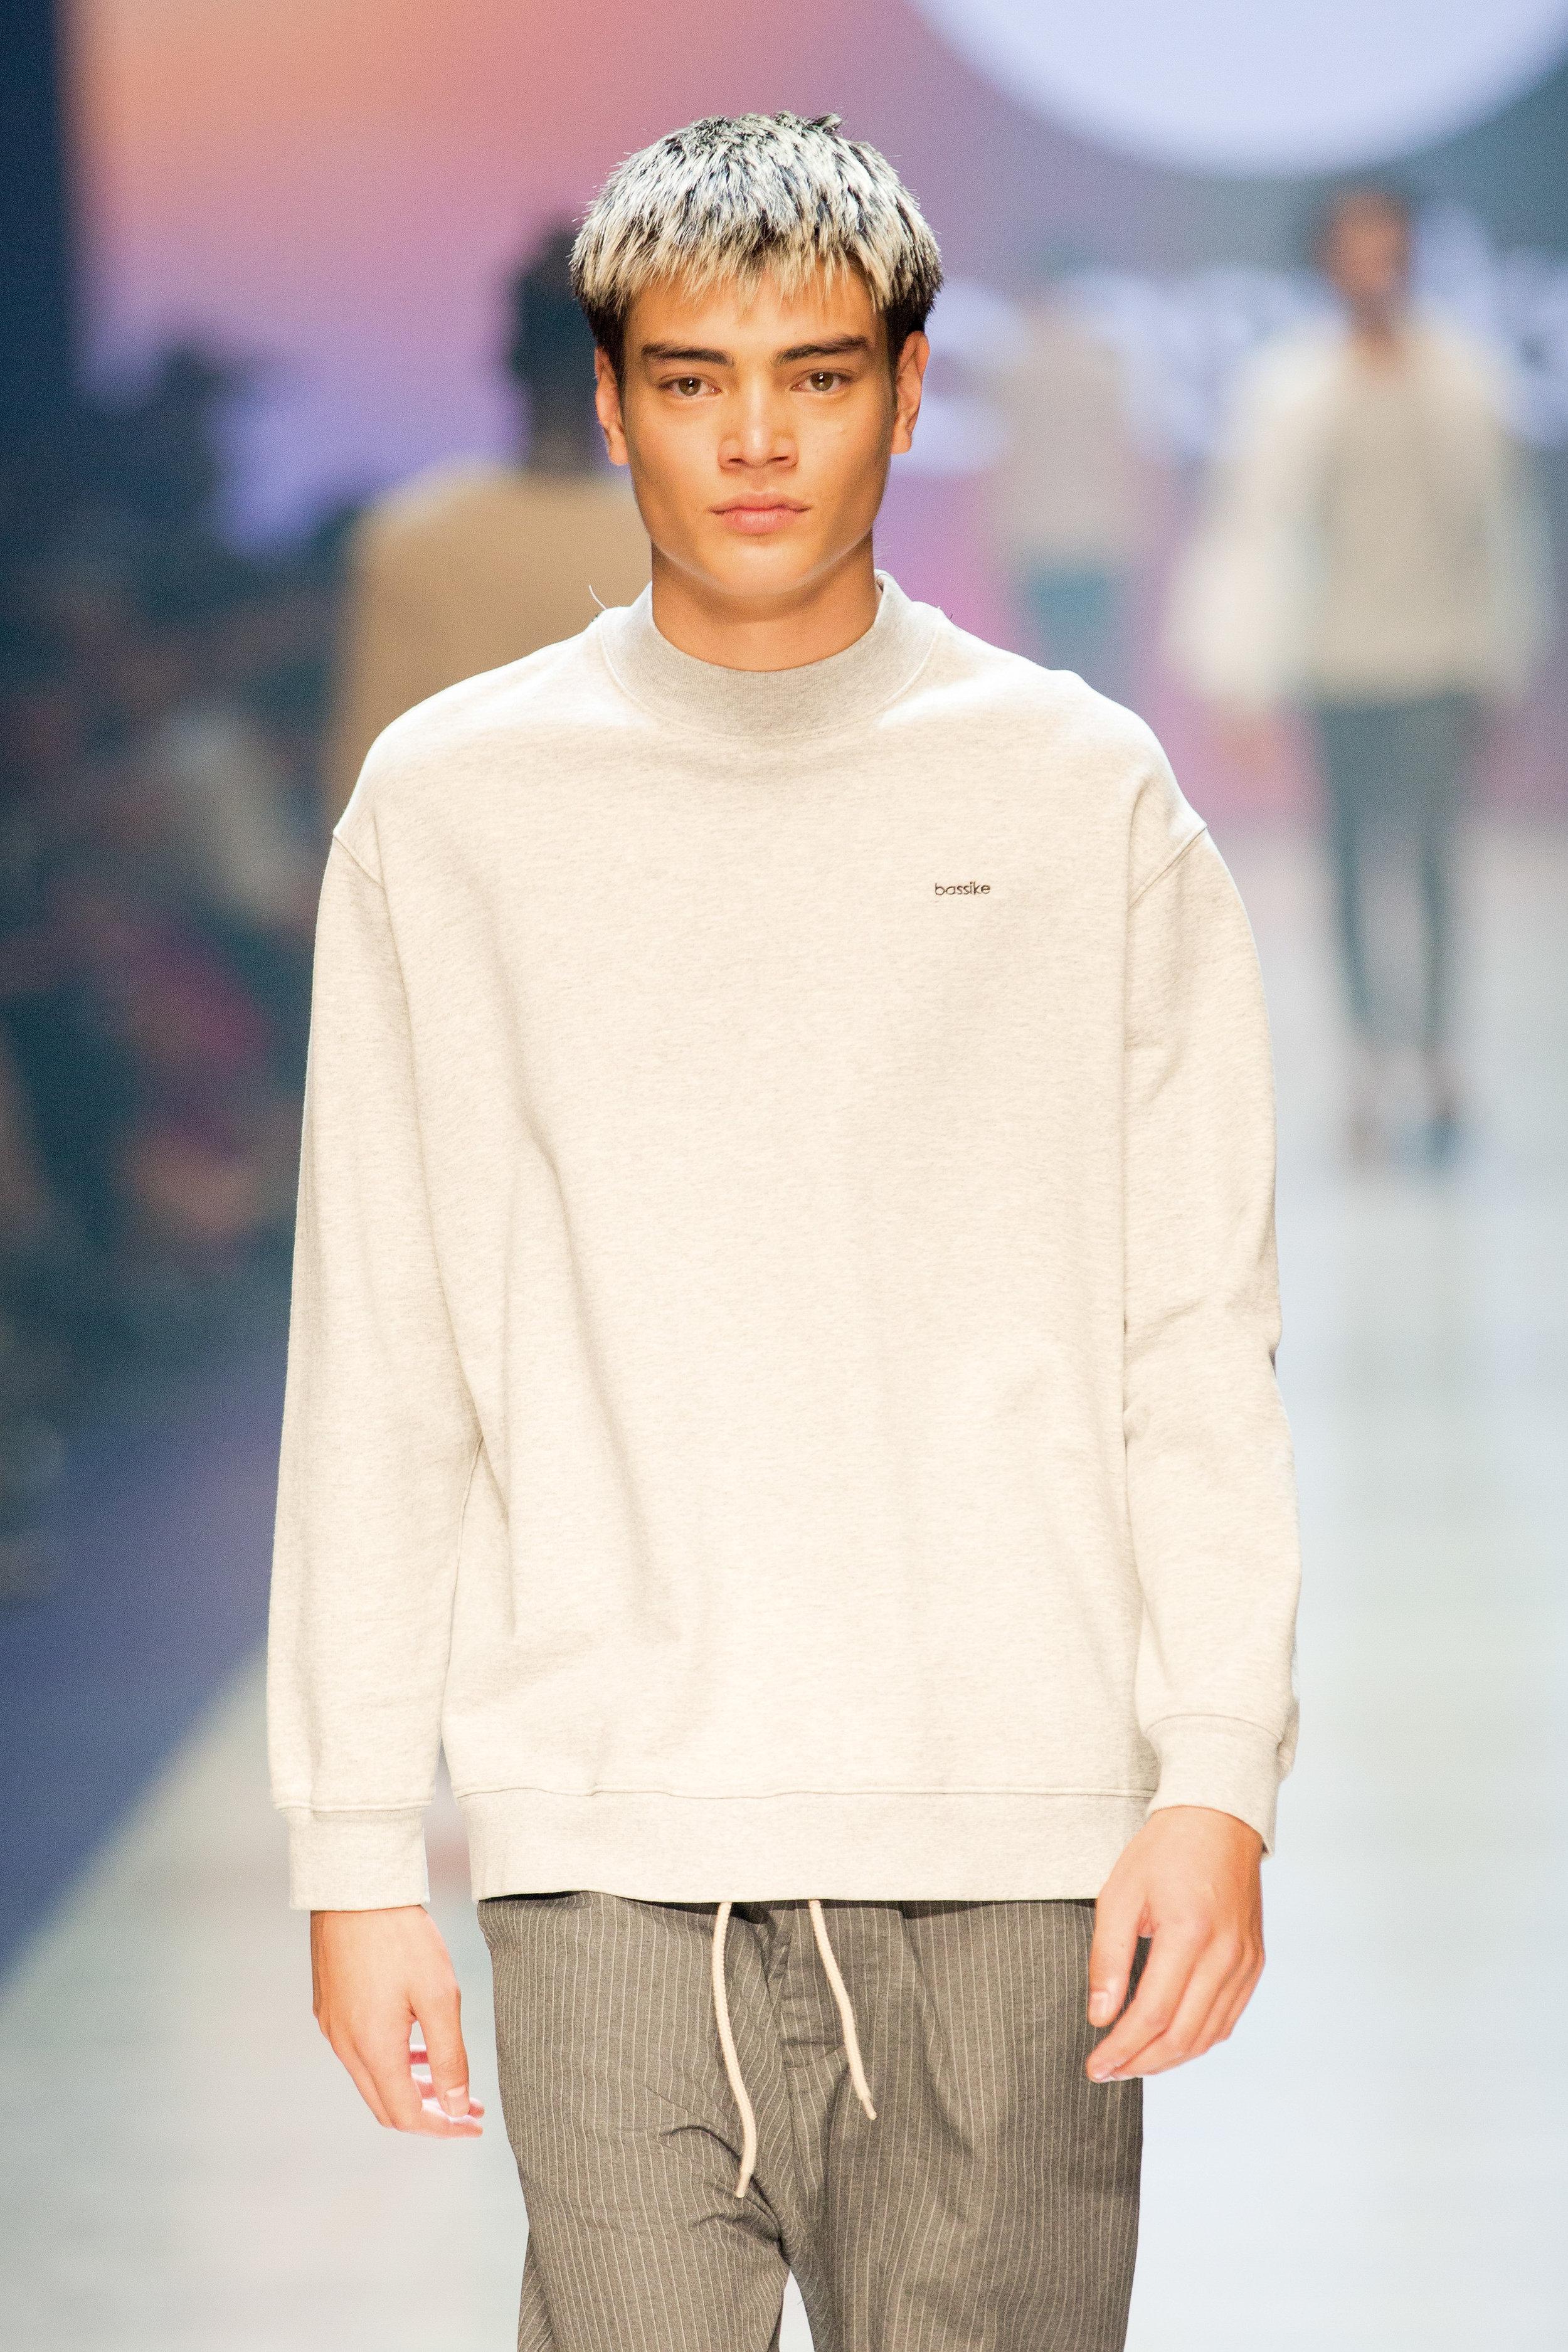 VAMFF2019_GQ Menswear-262.jpg